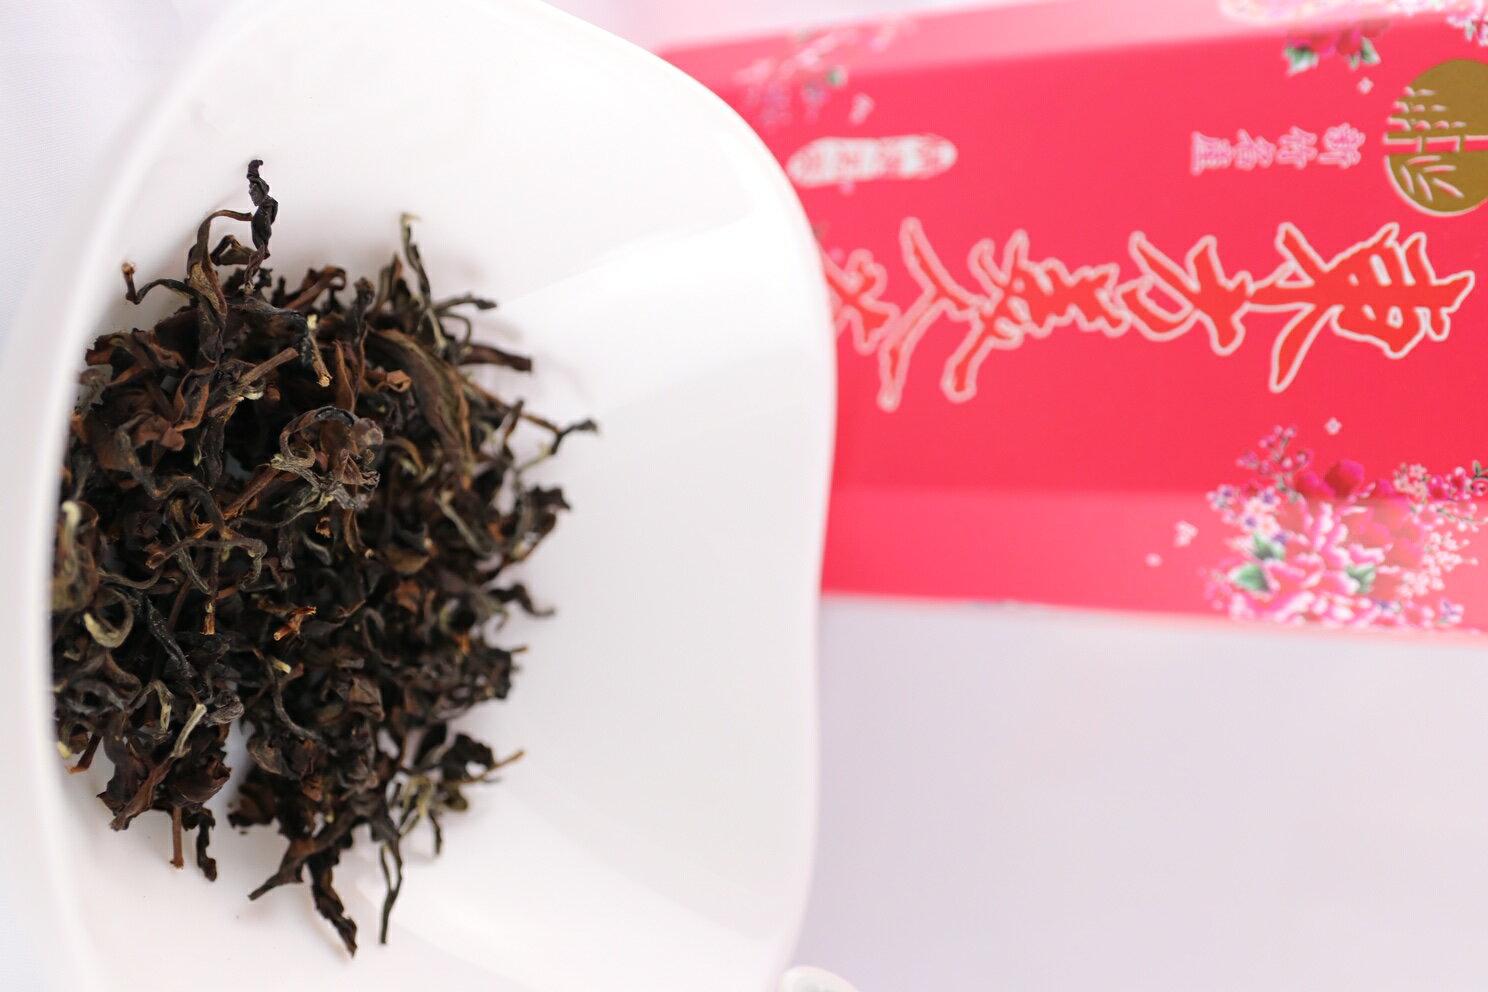 峨眉人 新竹縣產 (膨風茶_品味初始)  150g/罐 台灣茶 茶葉 白毫烏龍茶